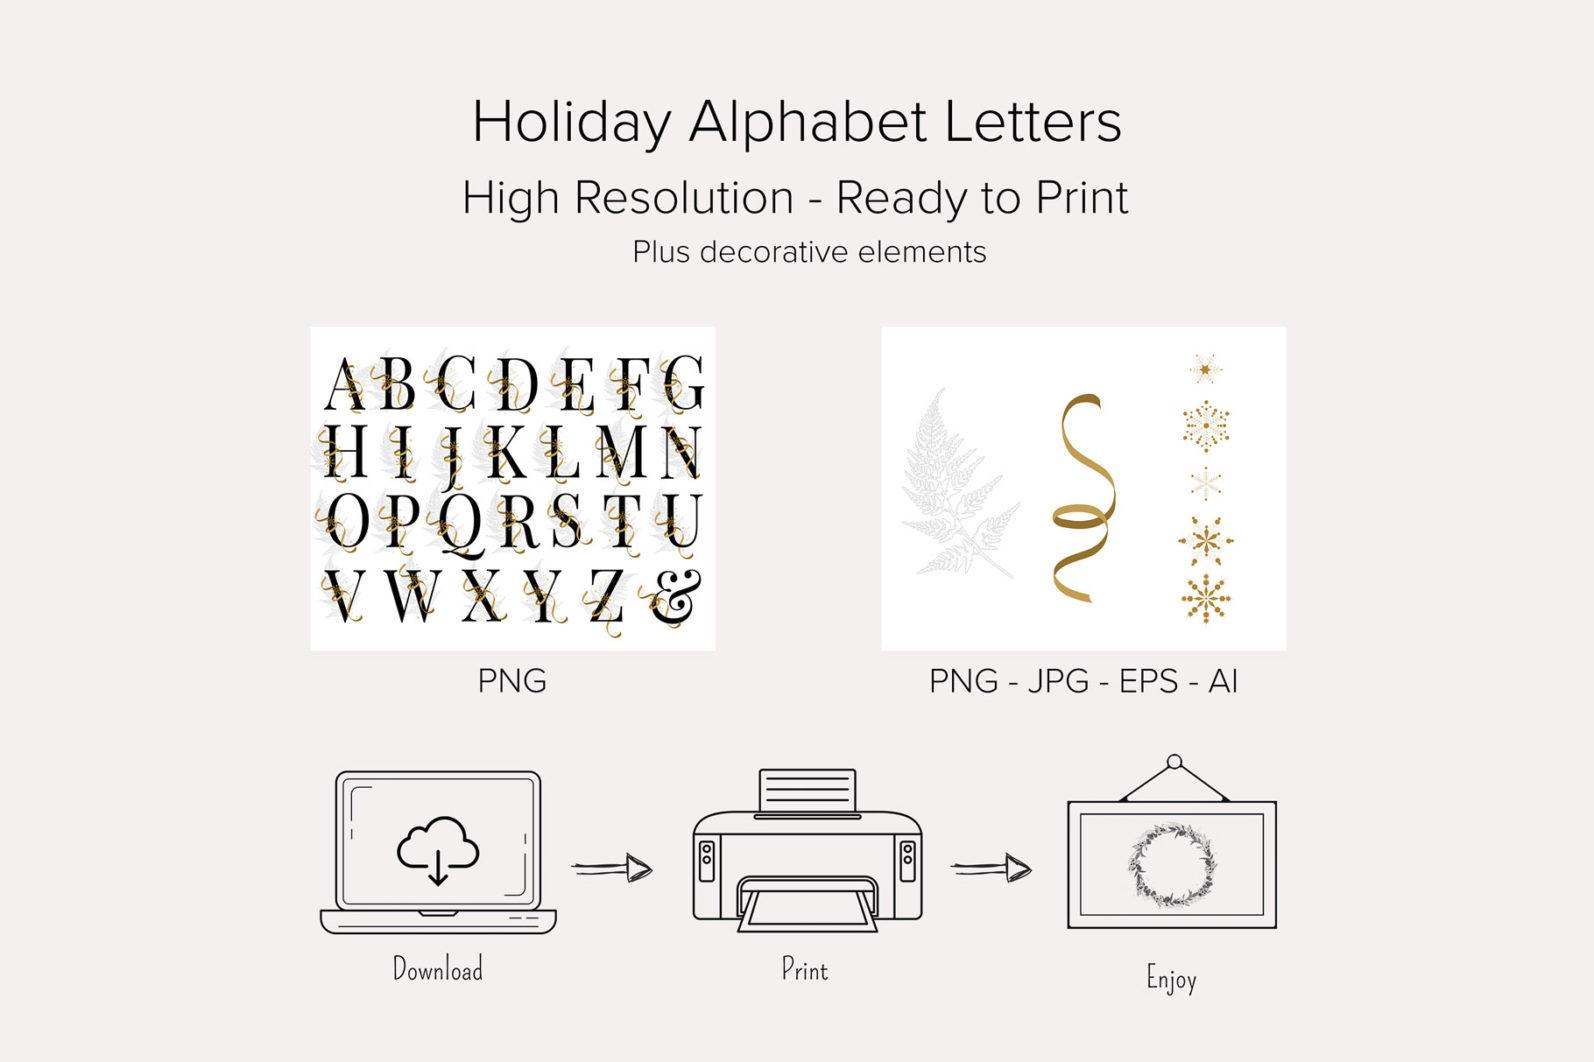 Snowflake Alphabet Letters - product details snowflake alphabet letters -